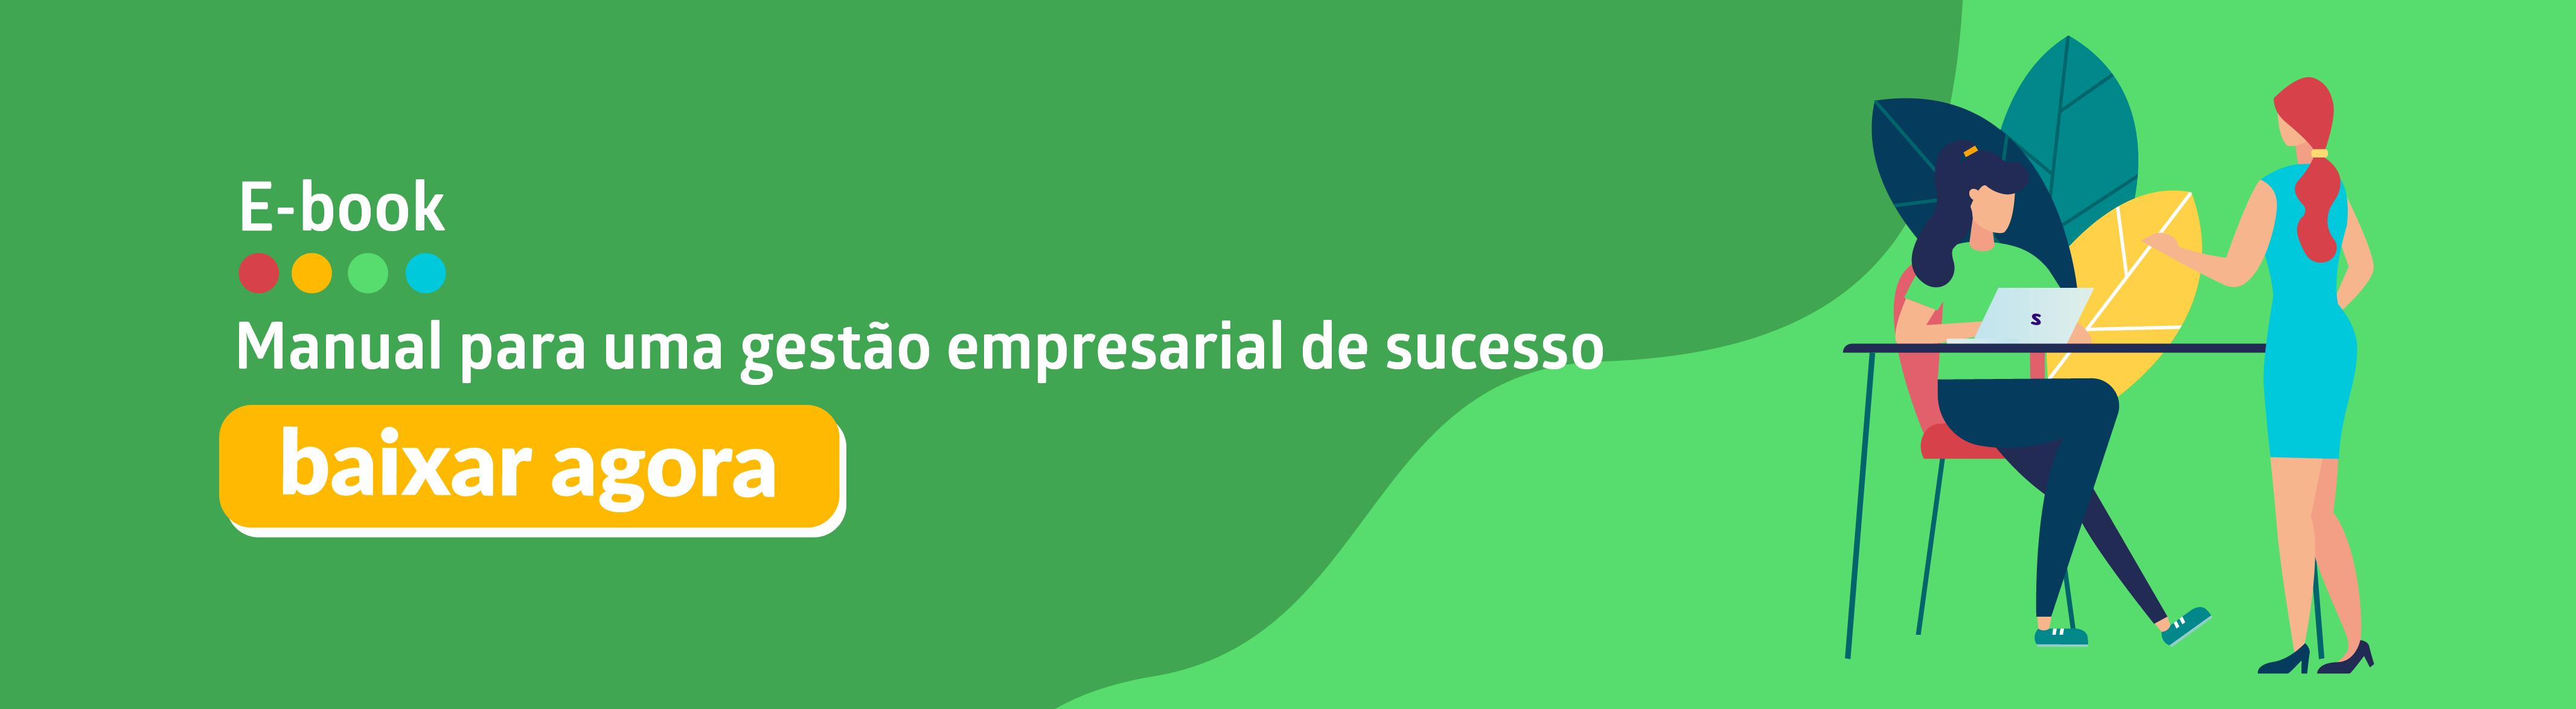 Banner_Gestao_Empresarial_de_Sucesso